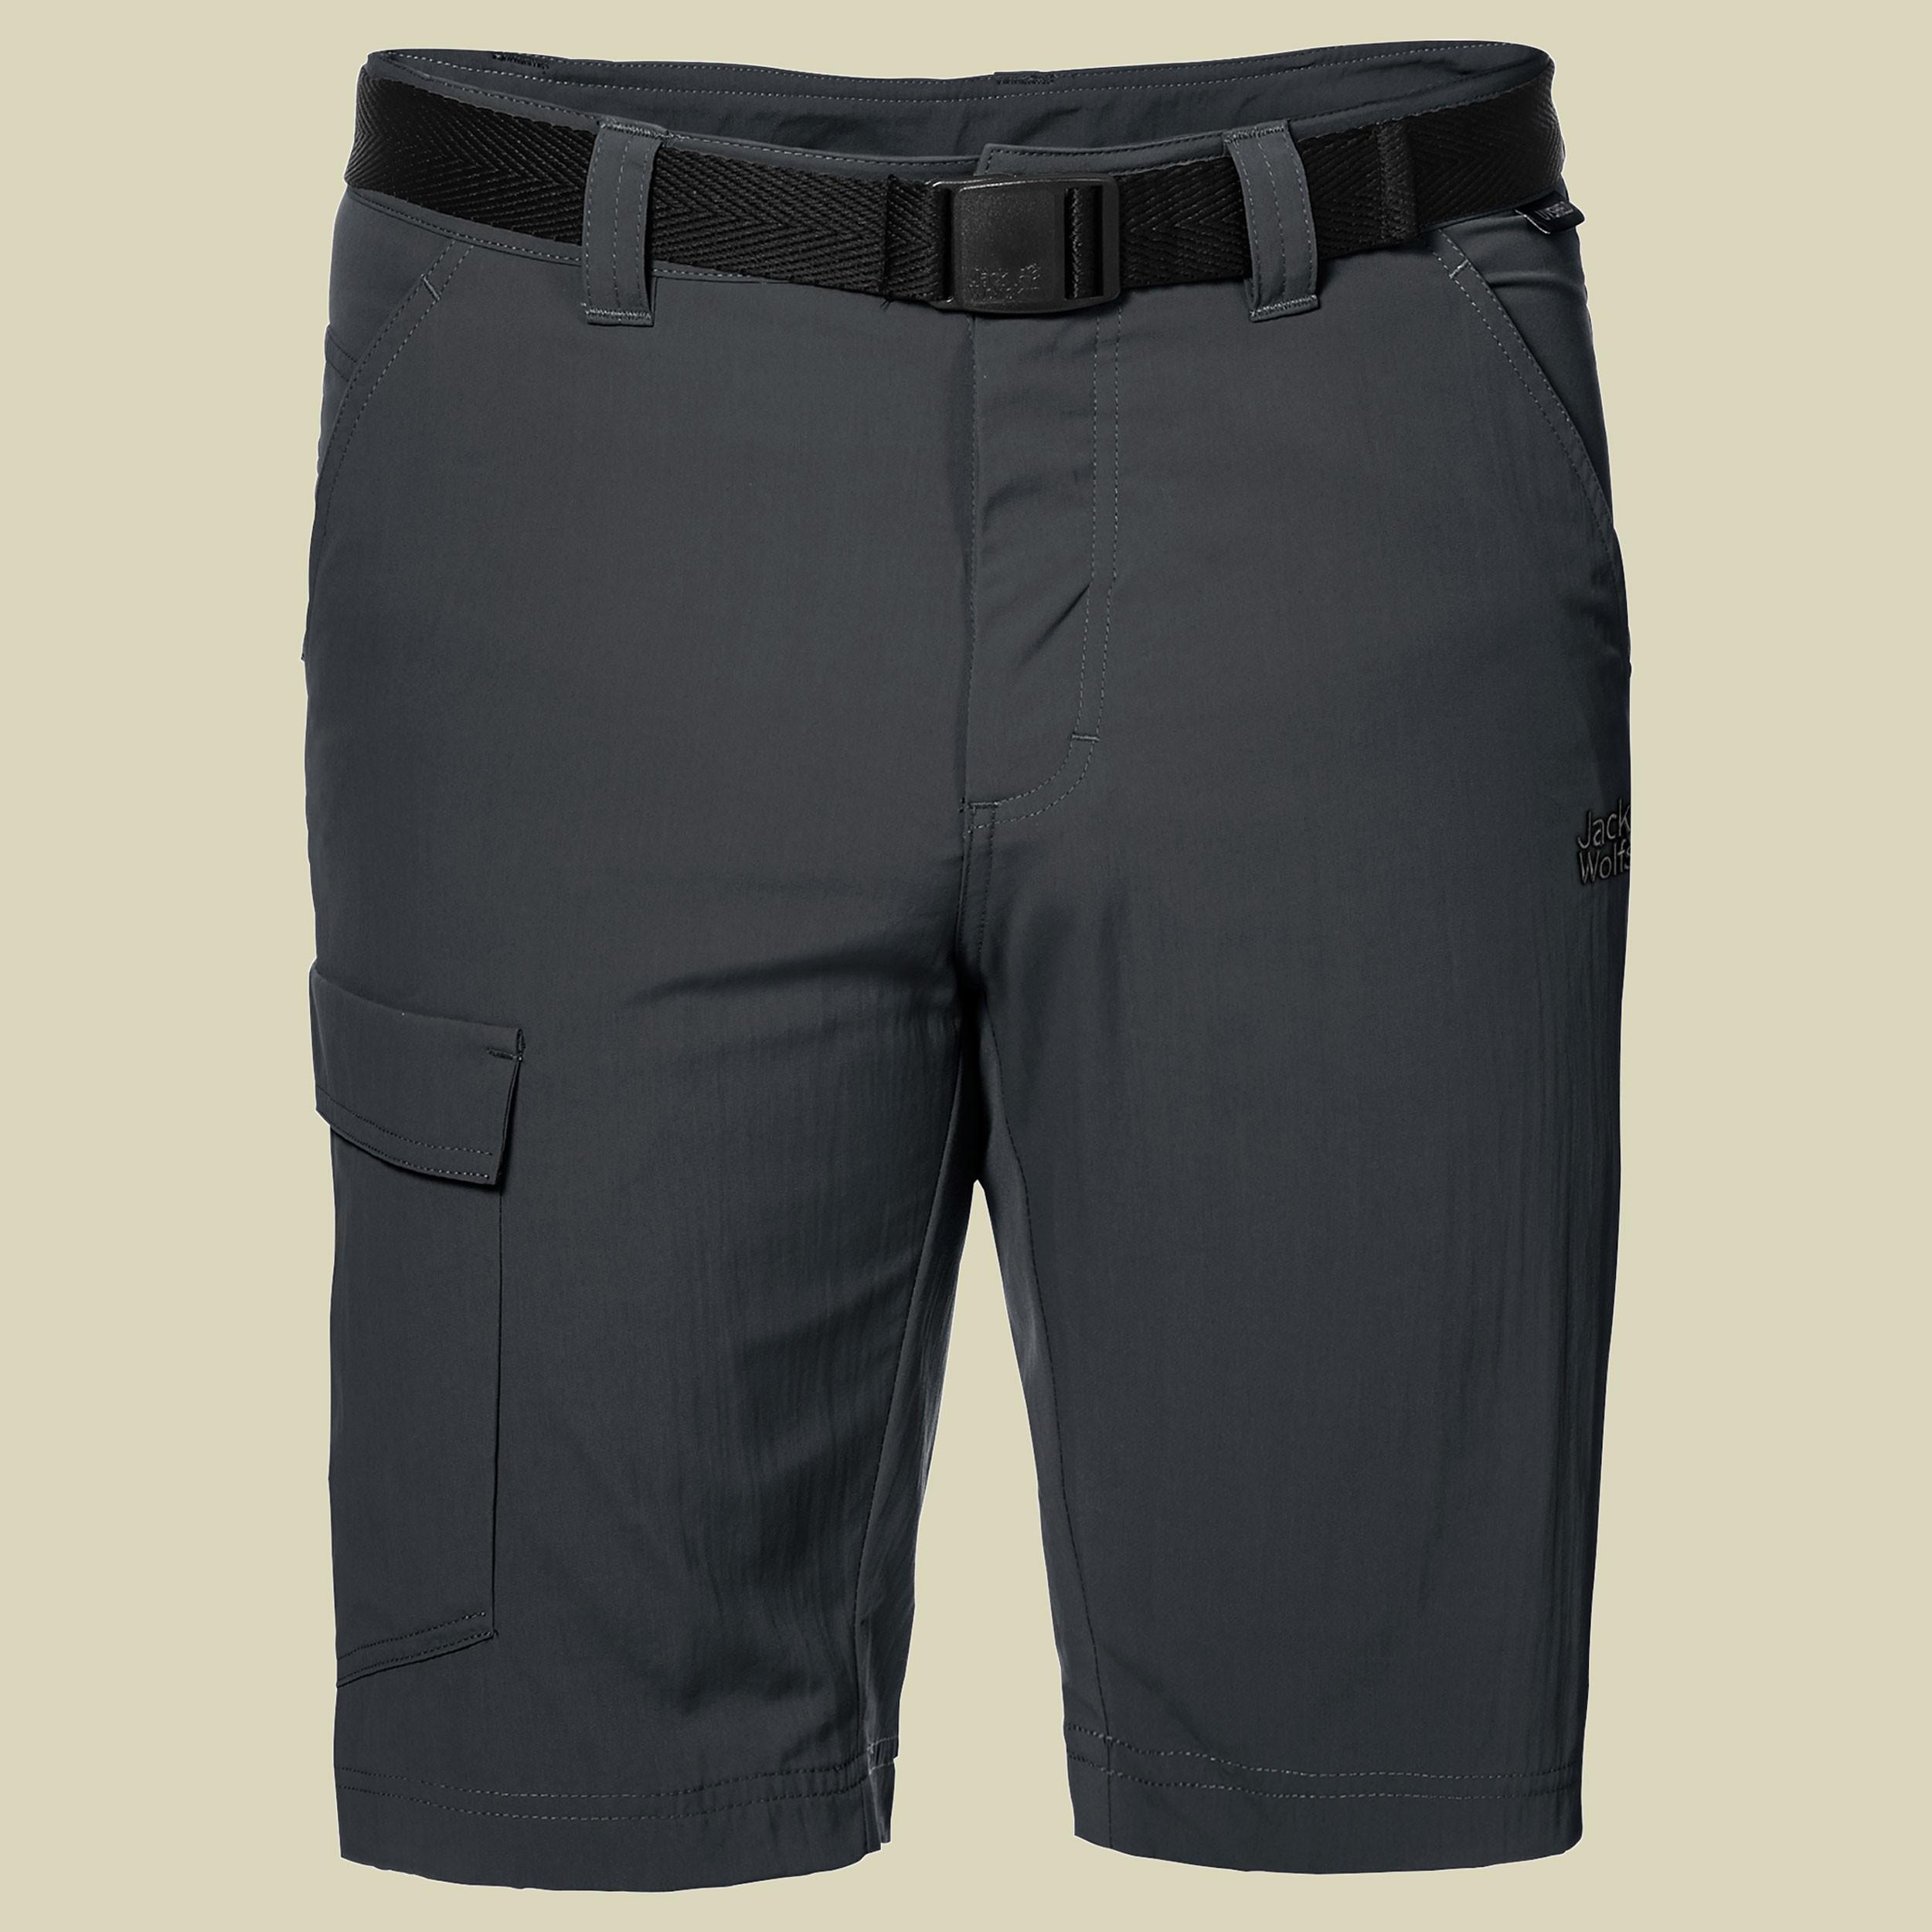 Hoggar Shorts Men